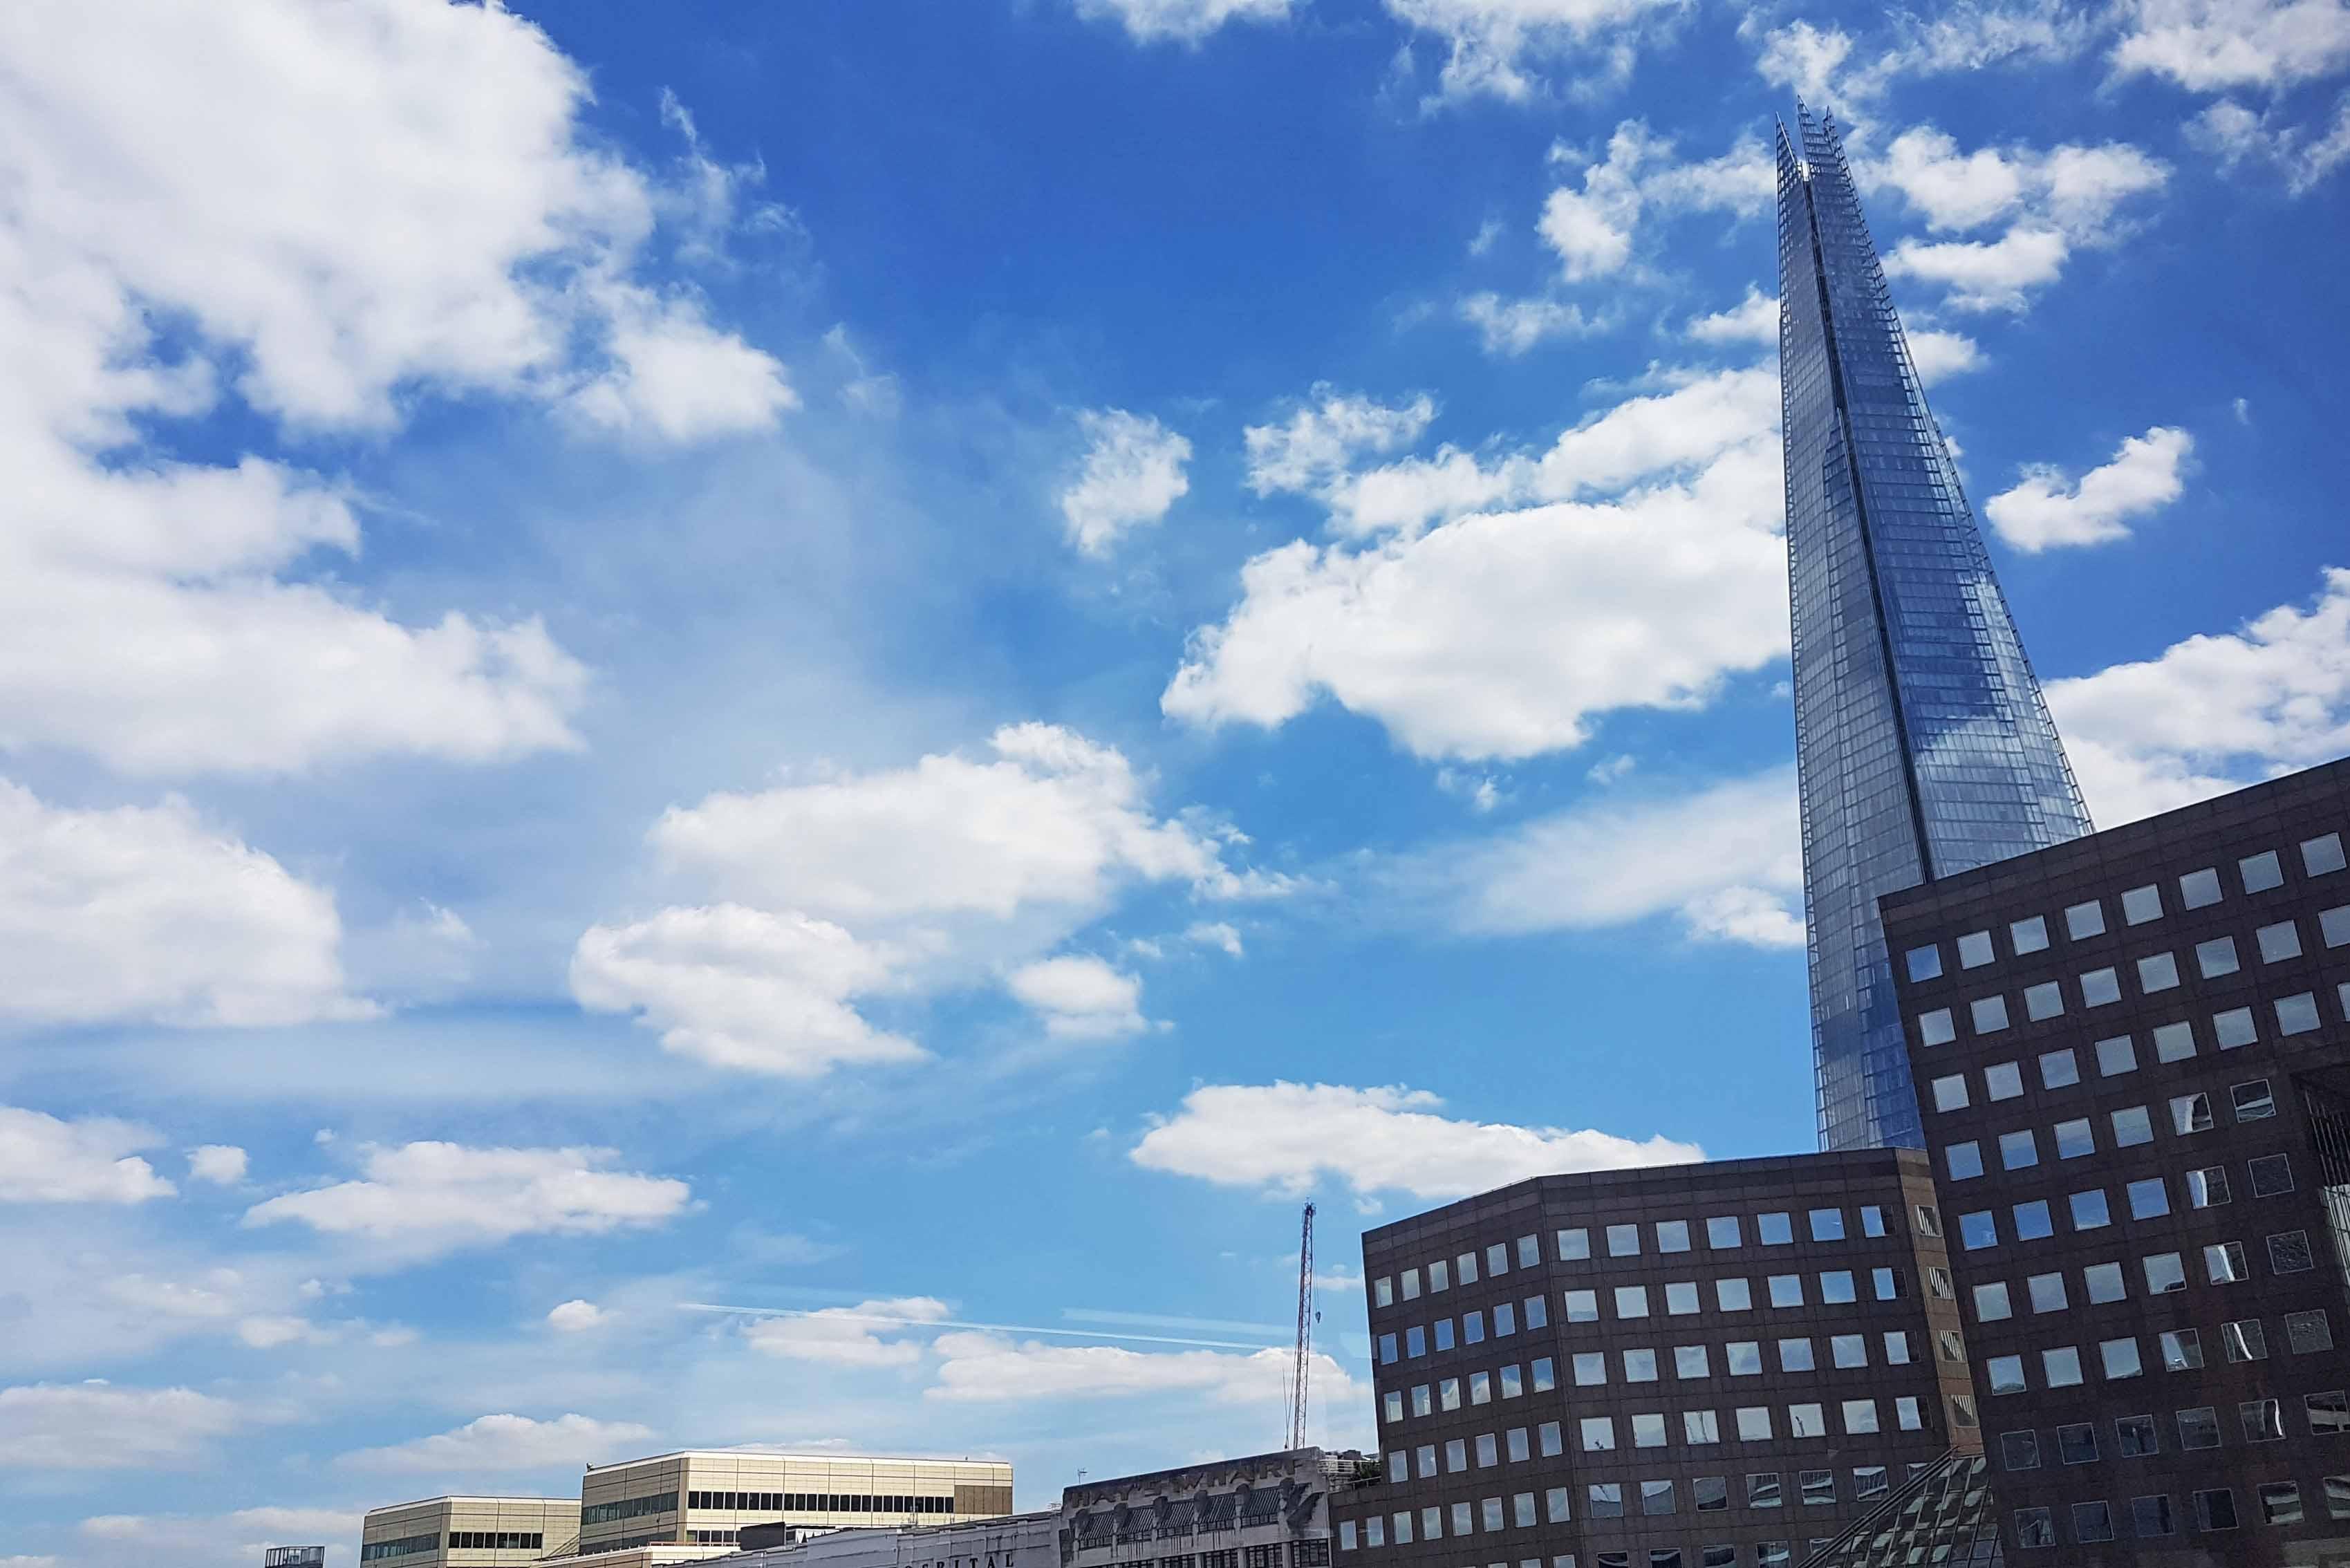 Edifício The Shard, em Londres